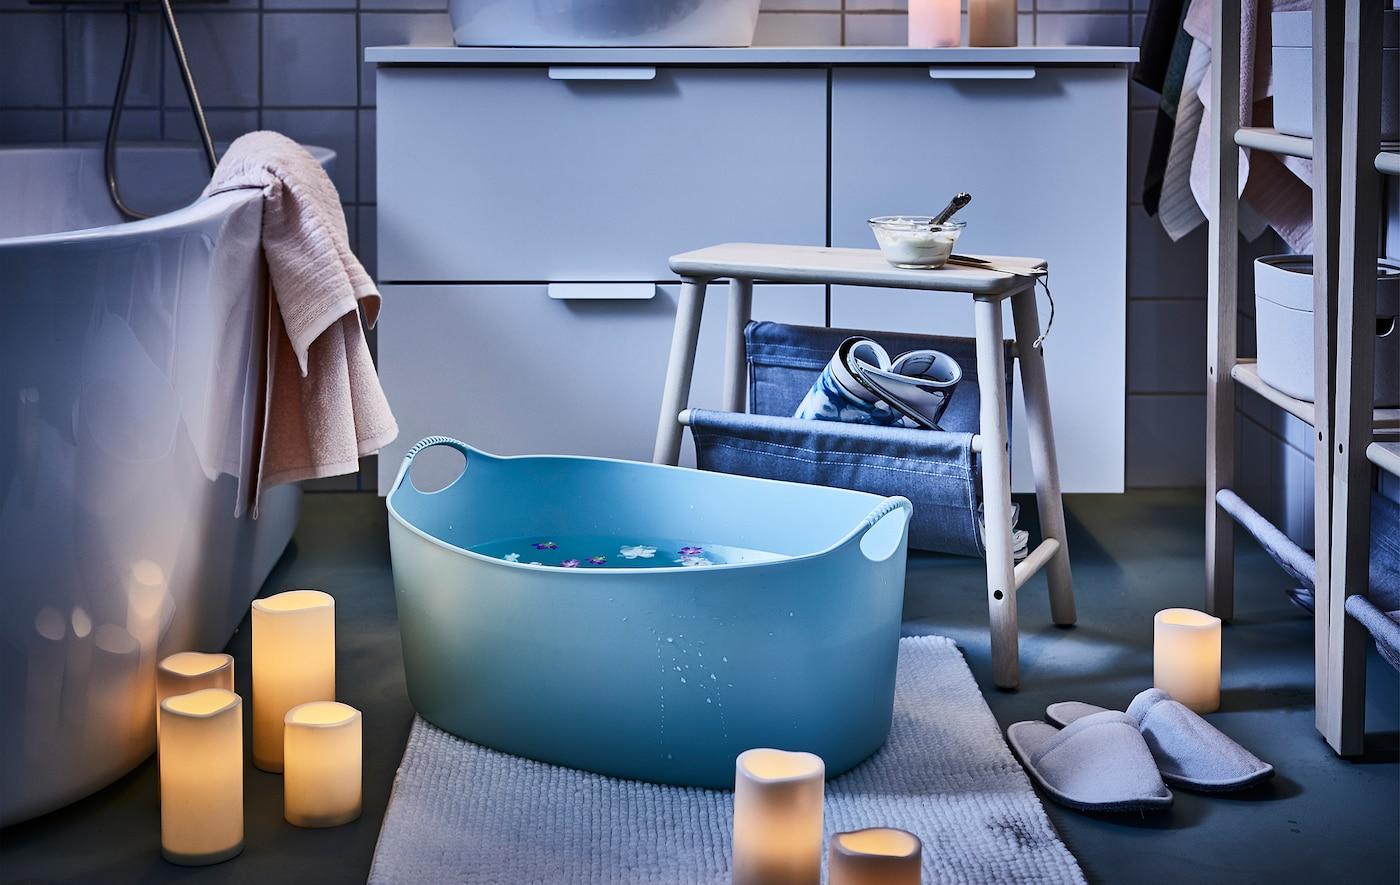 Fürdőszobai hangulatfény LED-es tömb gyertyákkal; kis szék a kád mellett, virágok a víz színén.